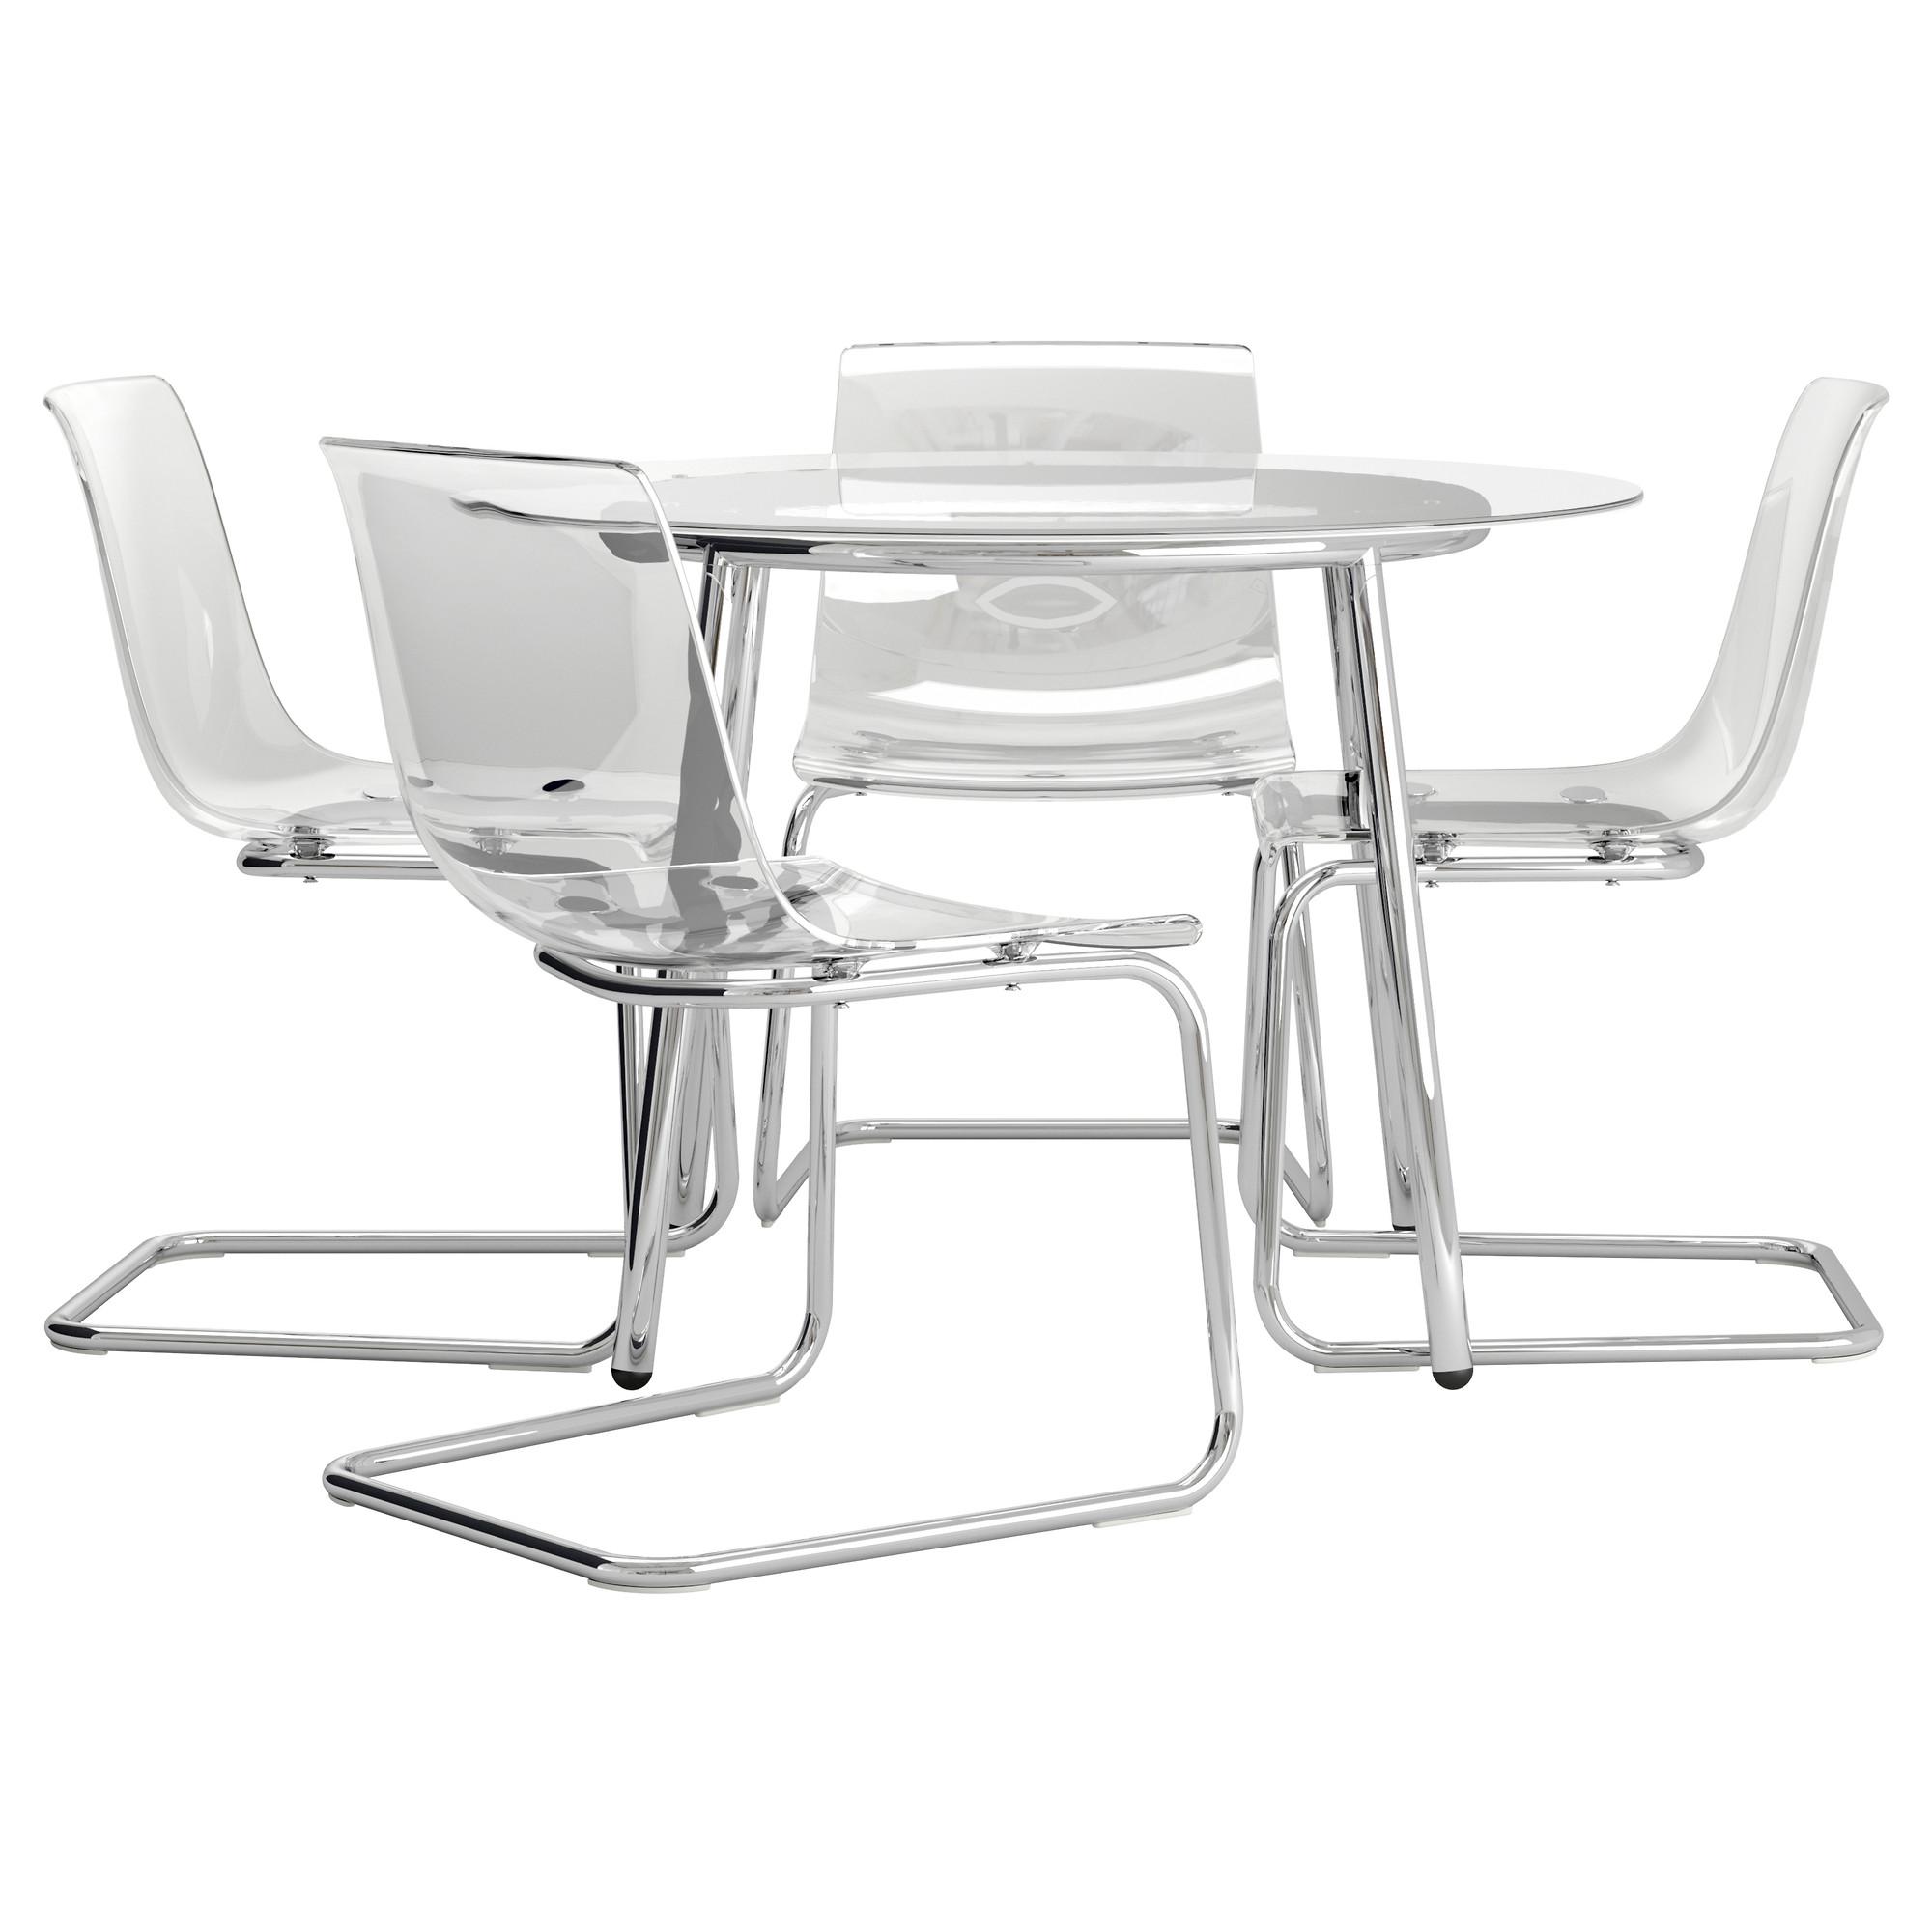 kitchen-chairs-ikea-photo-14